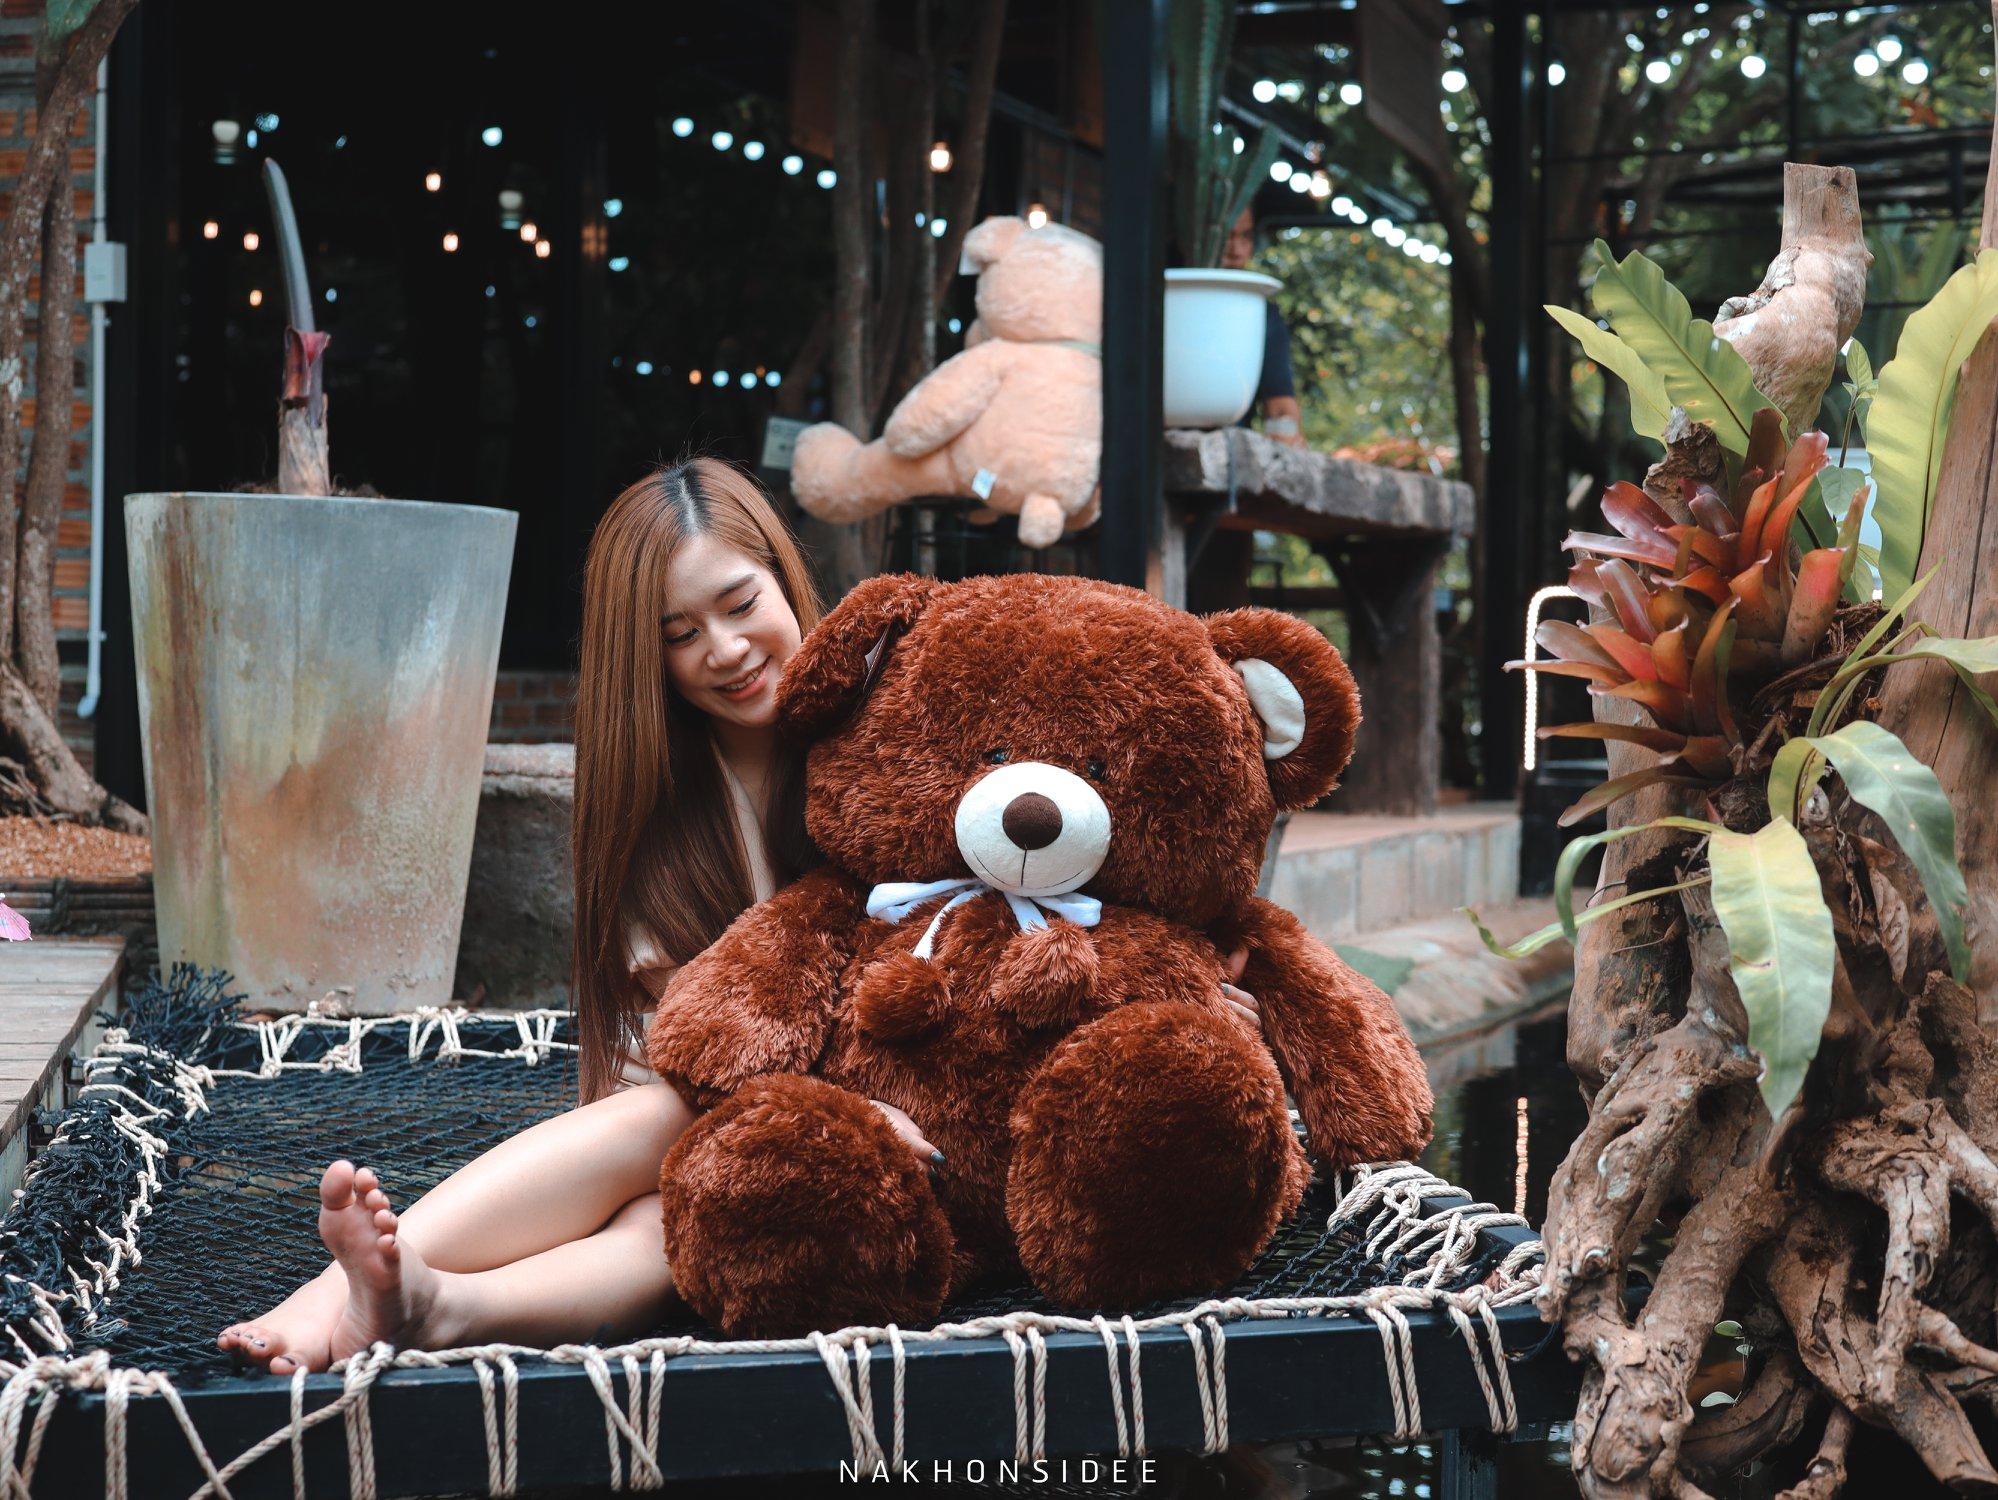 นั่งถ่ายรูปกับน๊อนหมีกันน  treestation,ร้านอาหาร,คาเฟ่,กลางป่า,อร่อย,ของกิน,นครศรีธรรมราช